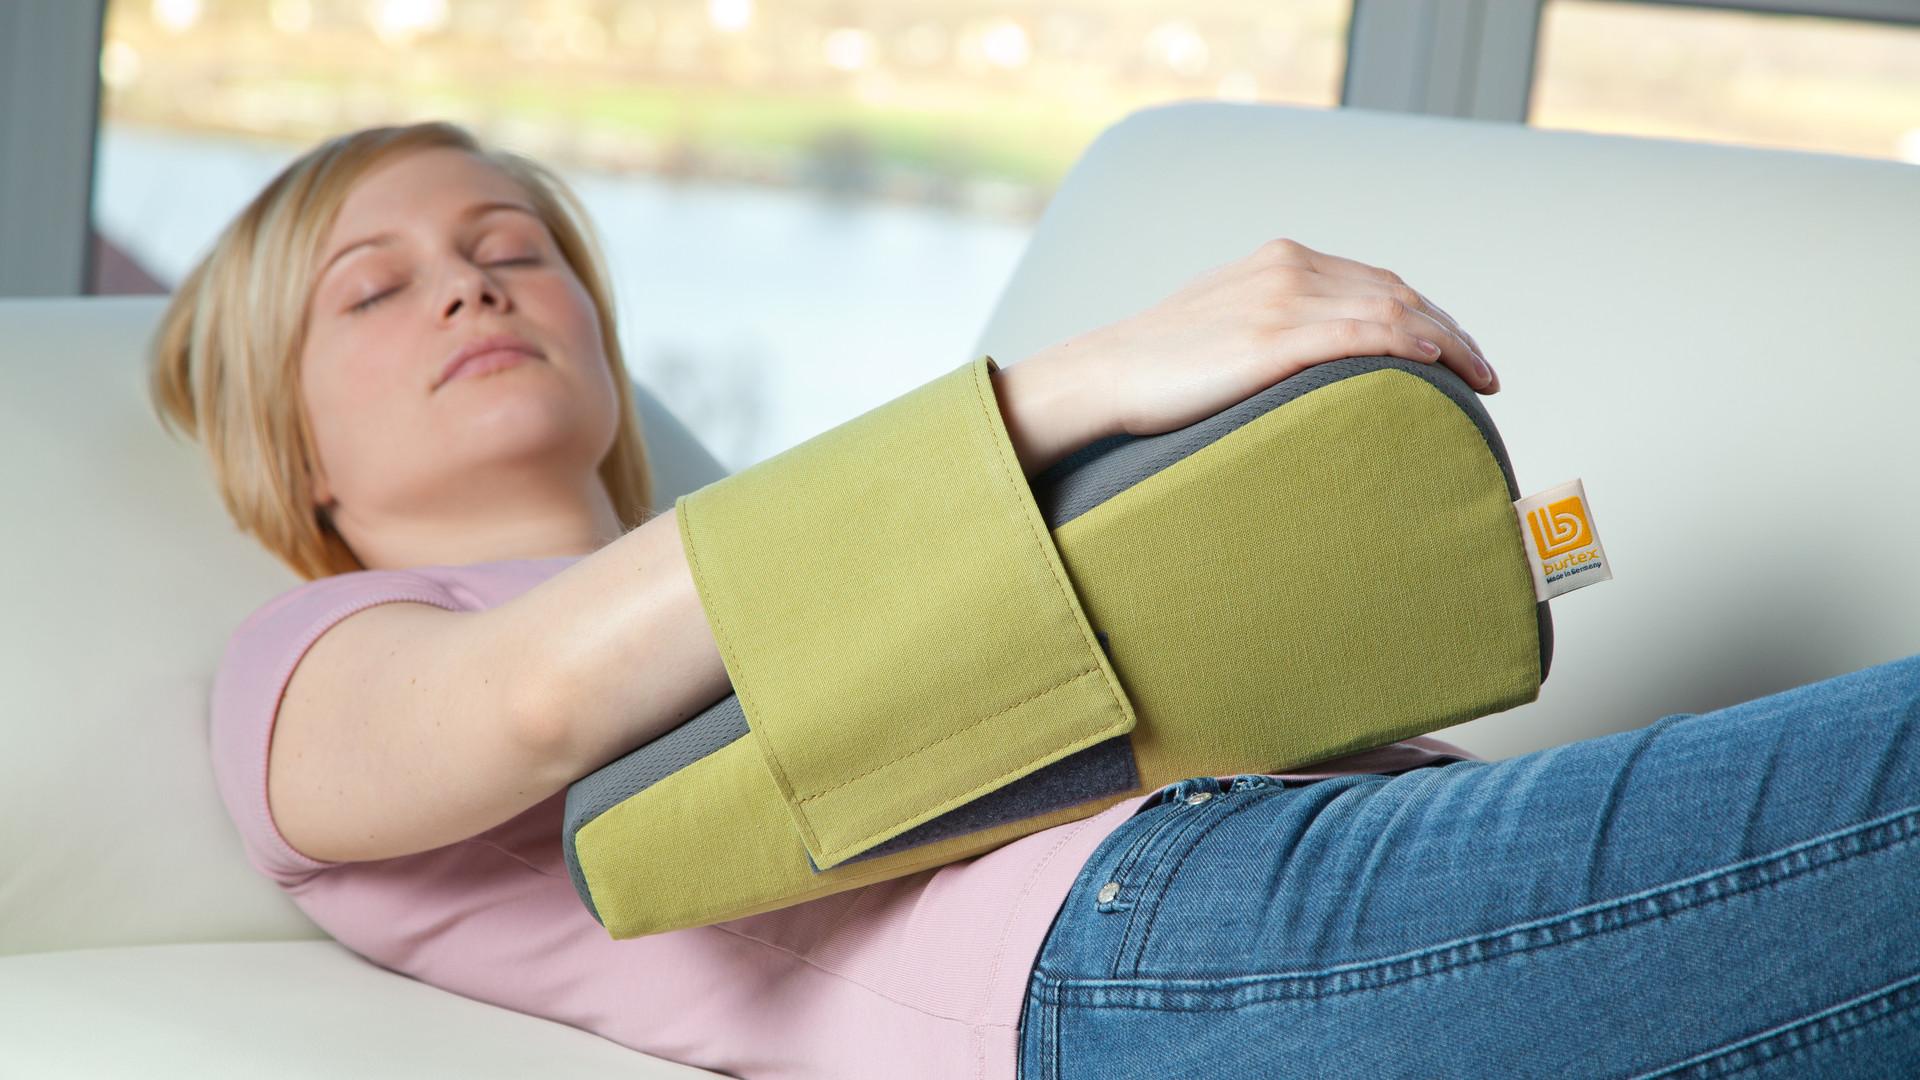 curalymph-lymphoedem-kissen-ruhe-und entspannung-genießen